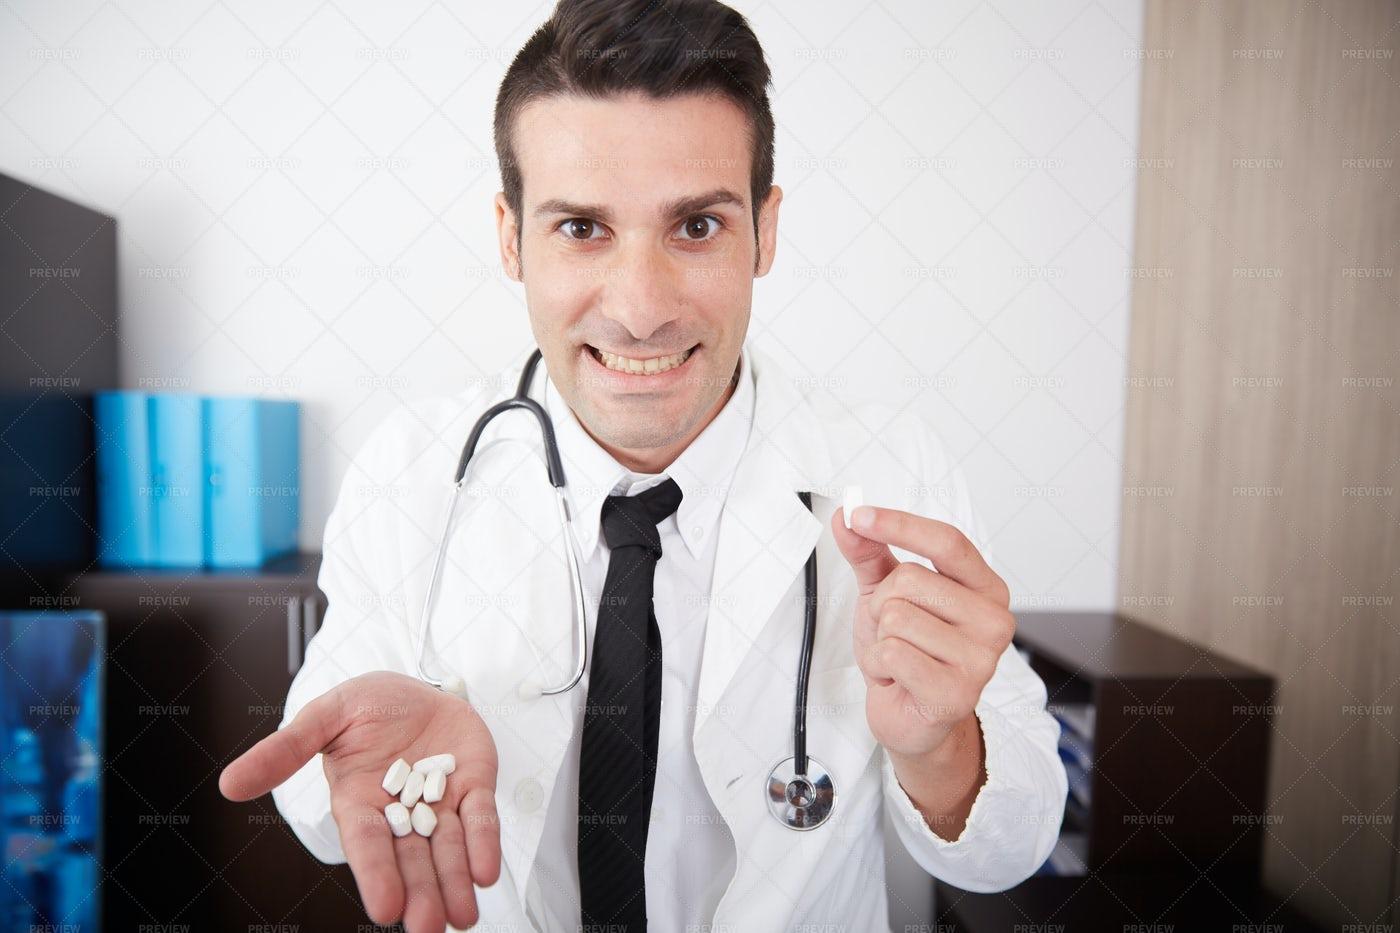 Doctor's Handful Of Pills: Stock Photos